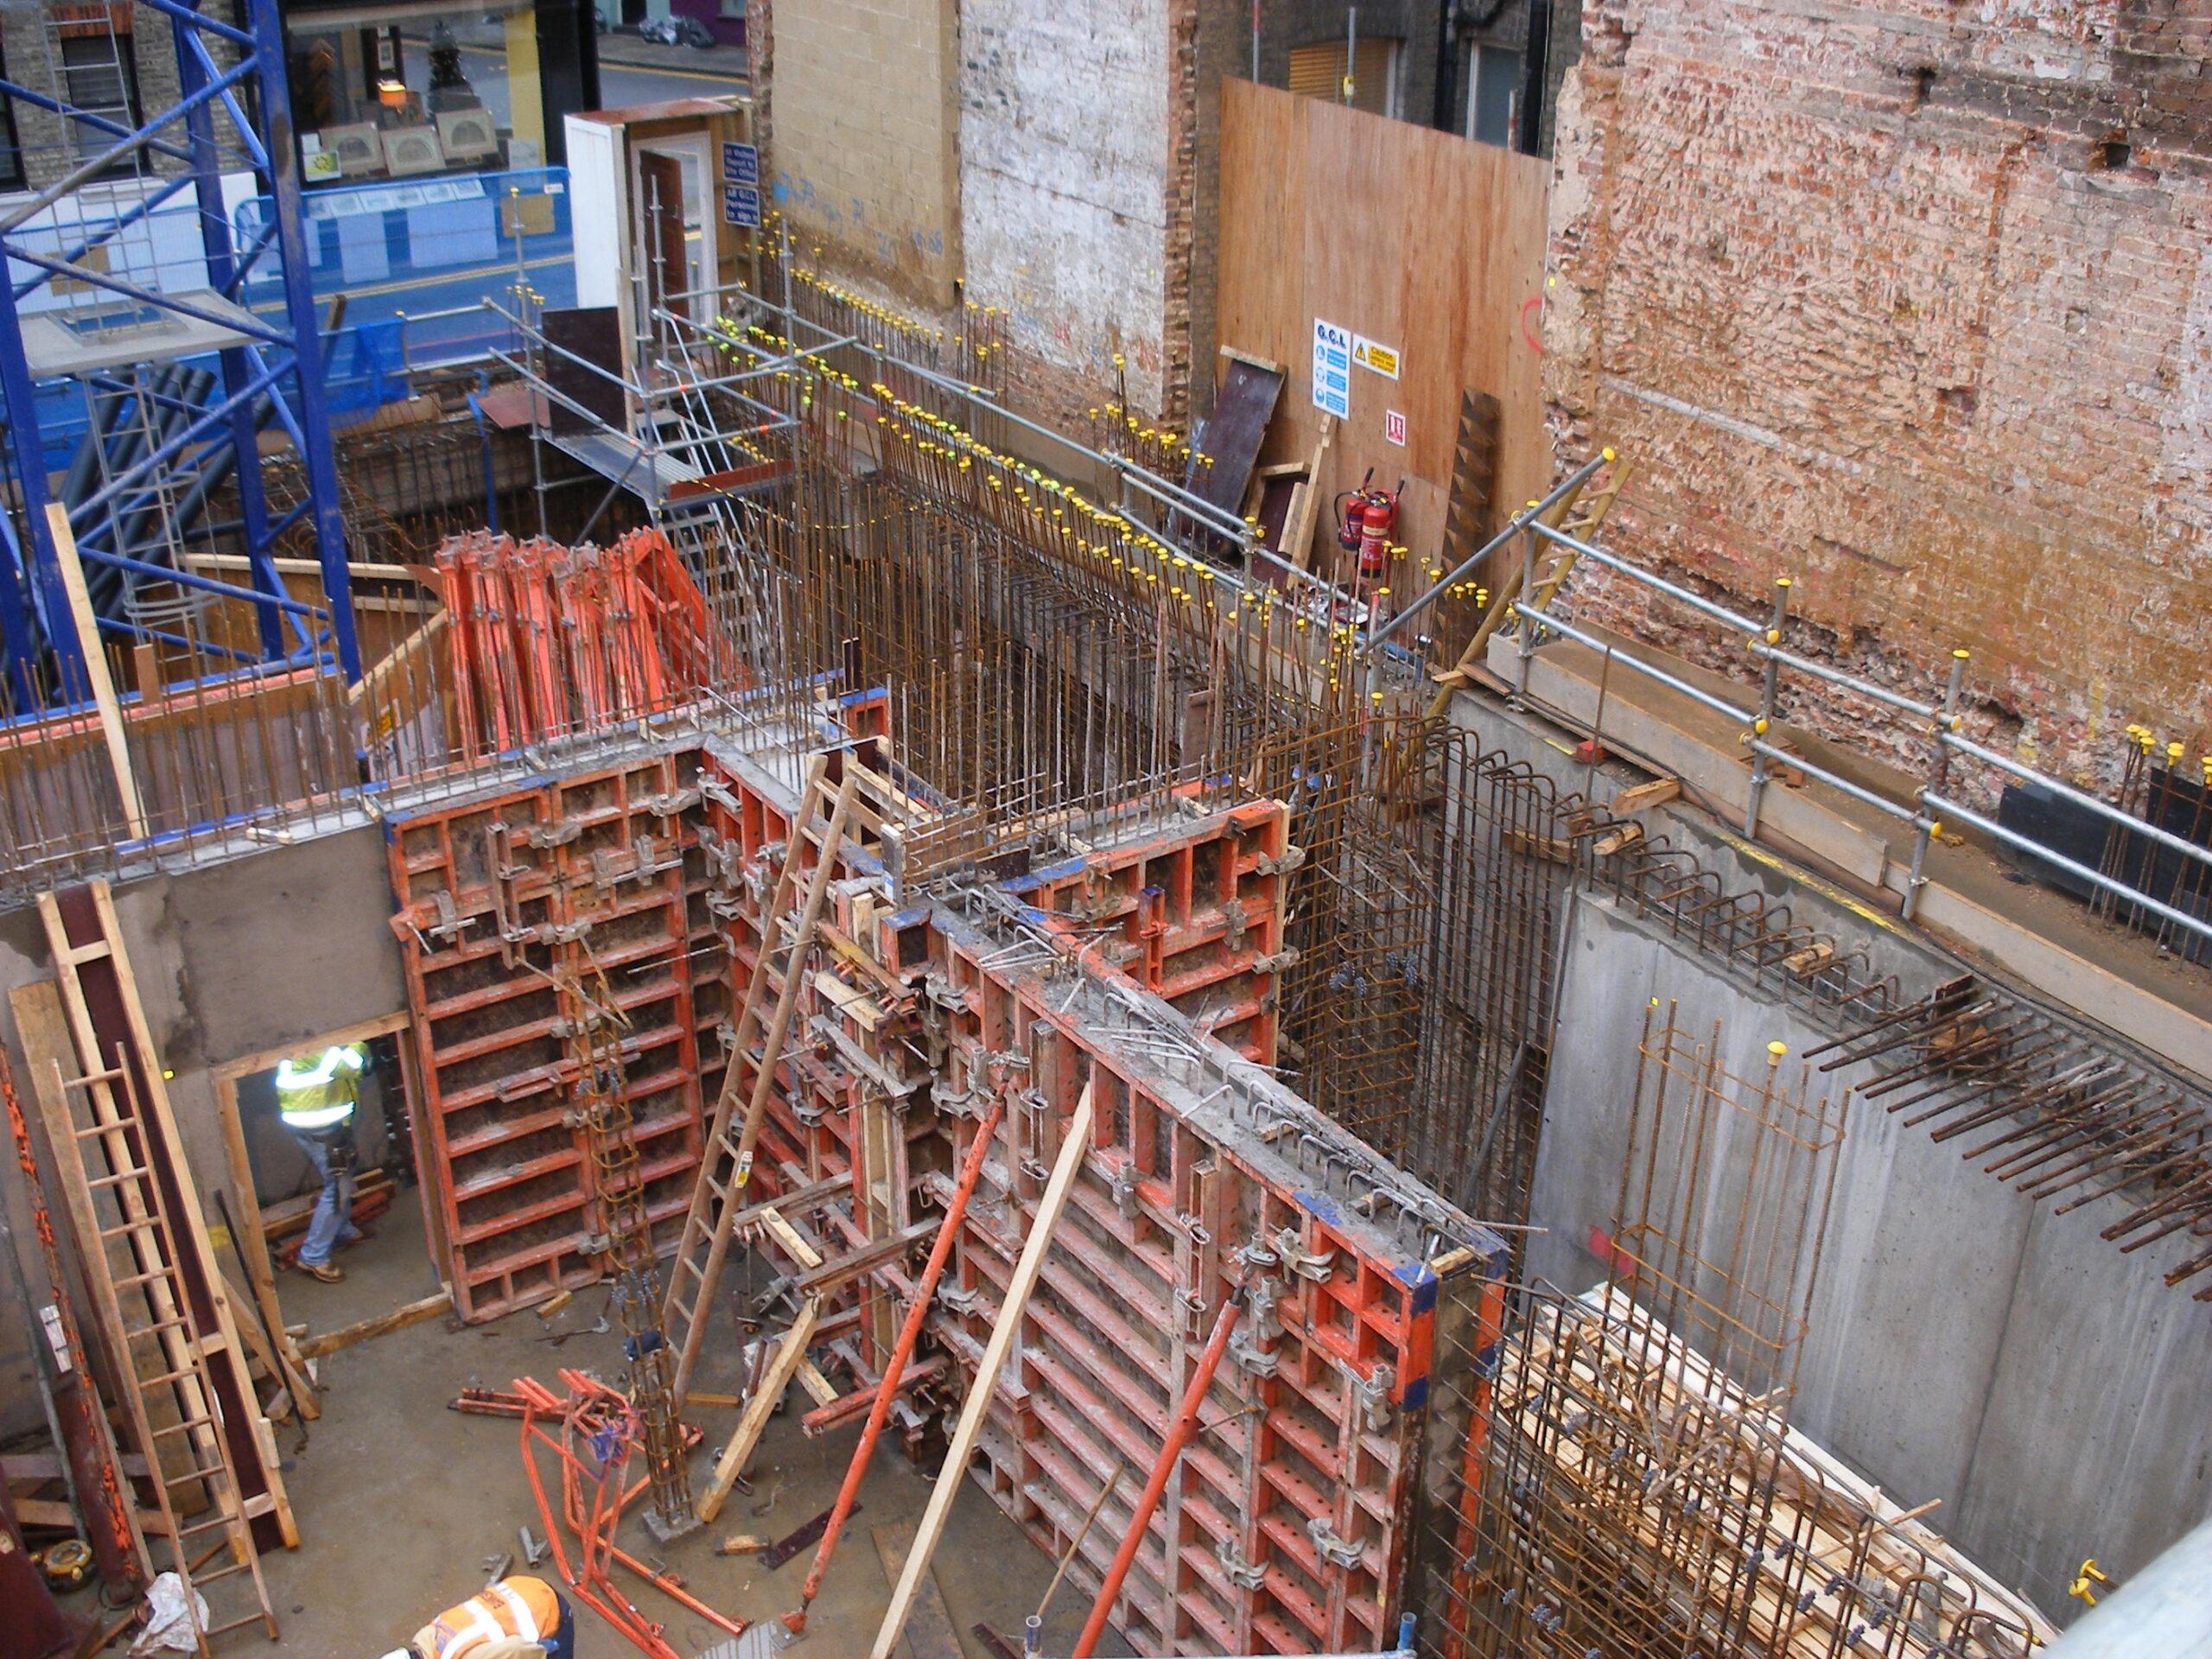 Kensington Church Street basement construction